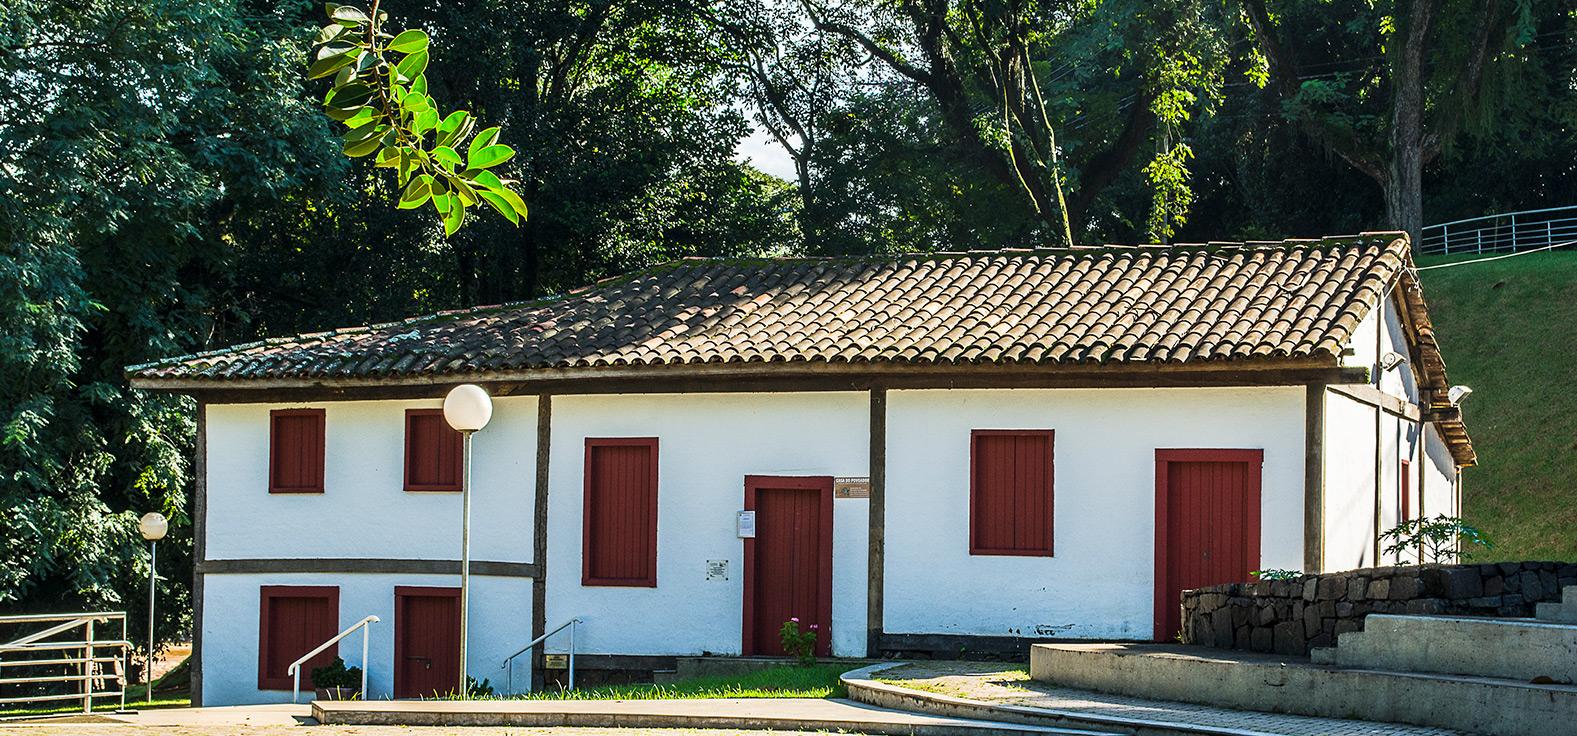 Casa do Povoador em Piracicaba | Portal Serra do Itaquerí